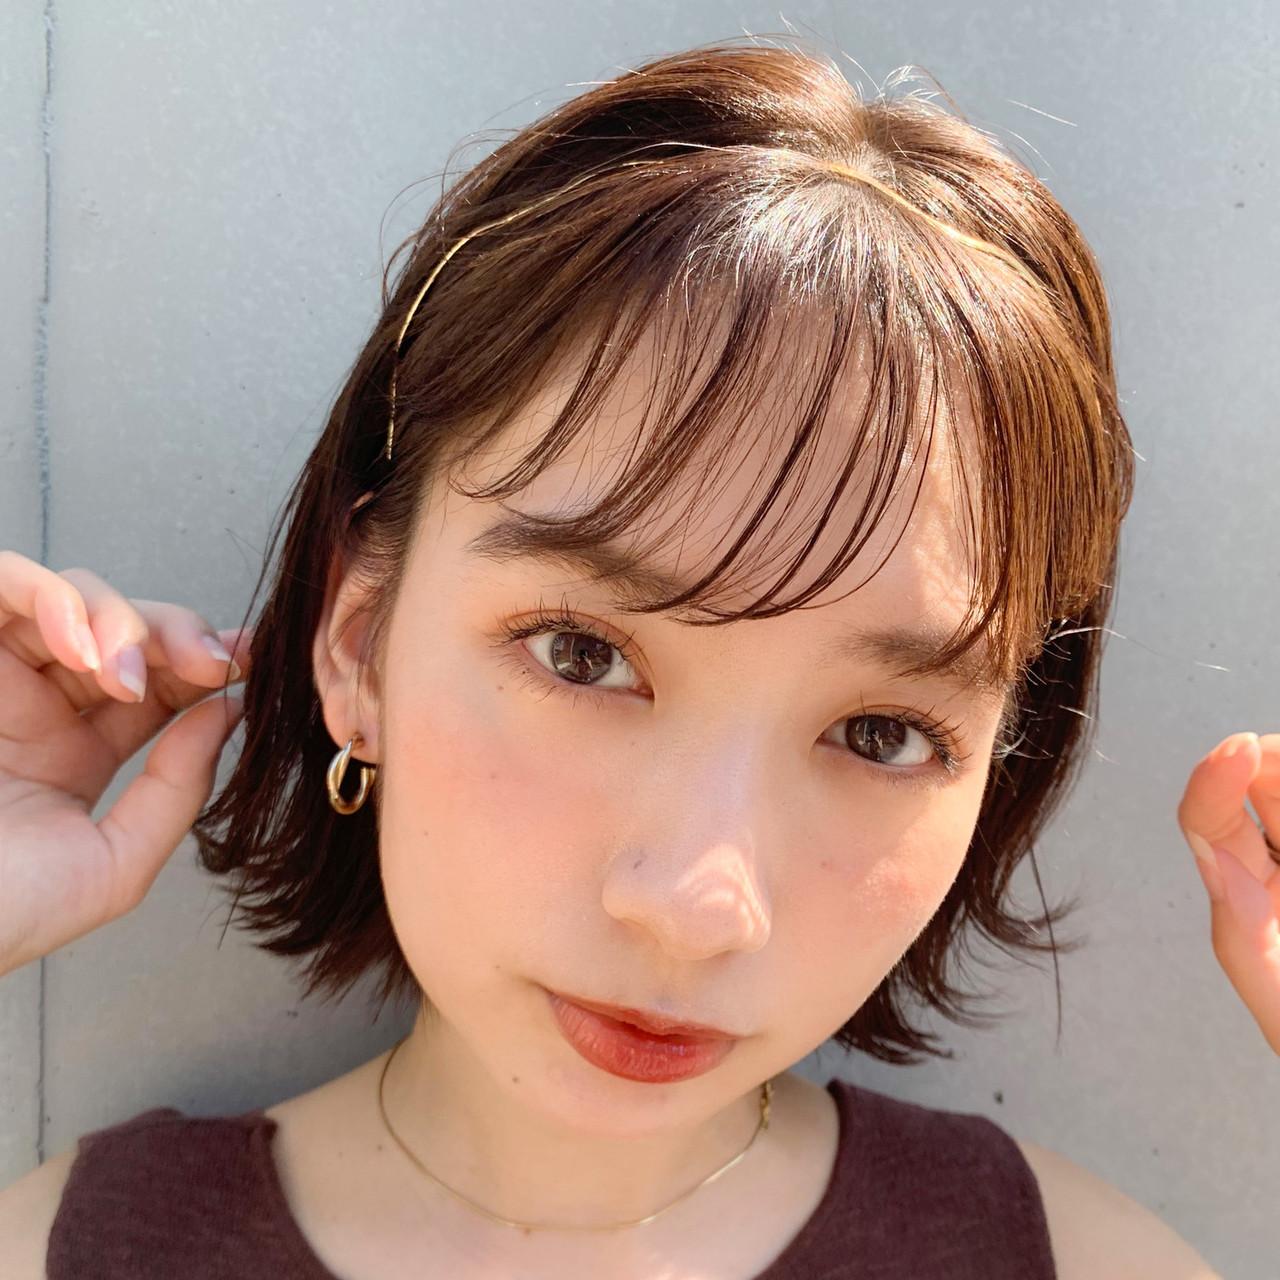 インナーカラーグレージュ 外国人風カラー ミディアムヘアー ミニボブ ヘアスタイルや髪型の写真・画像